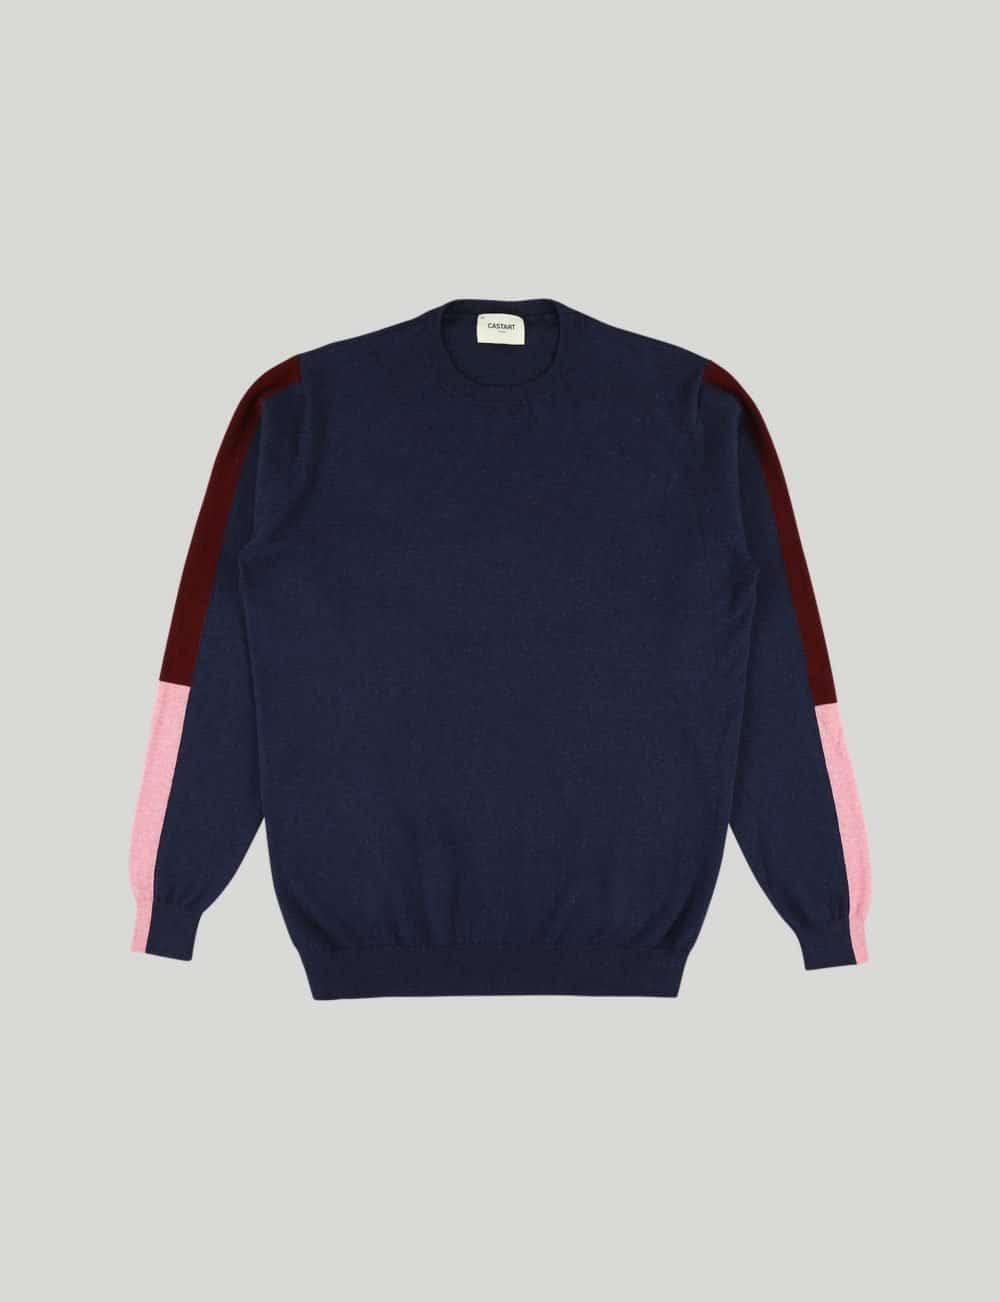 Castart - Kubin Knitwear - Navy